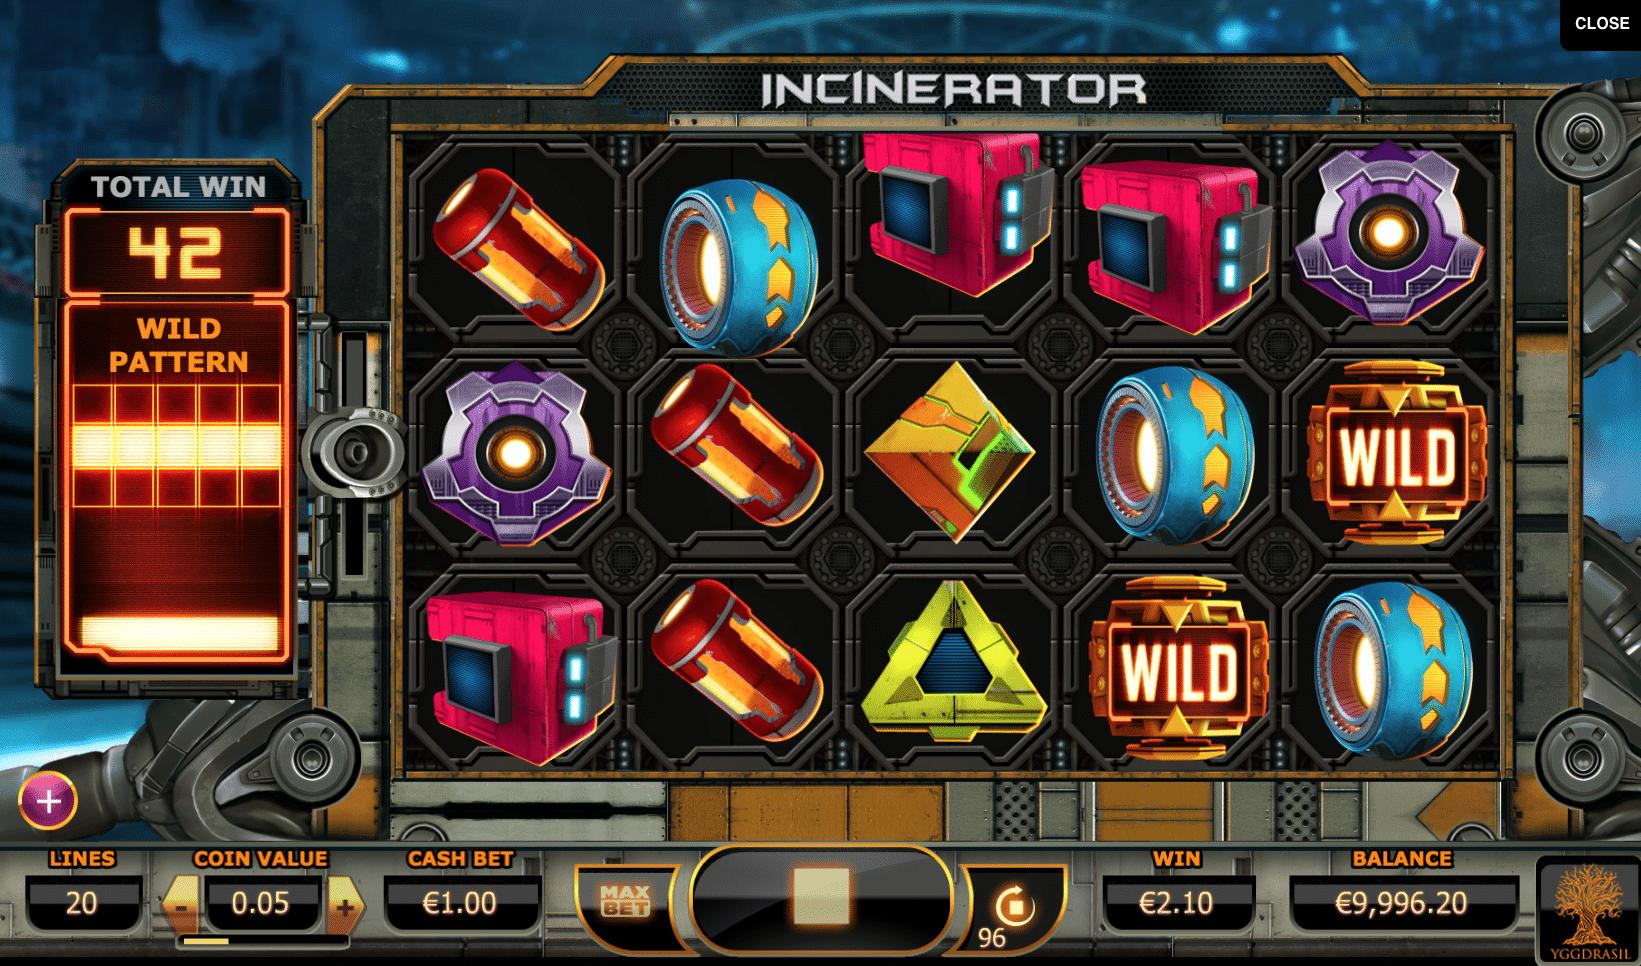 Incinerator 2